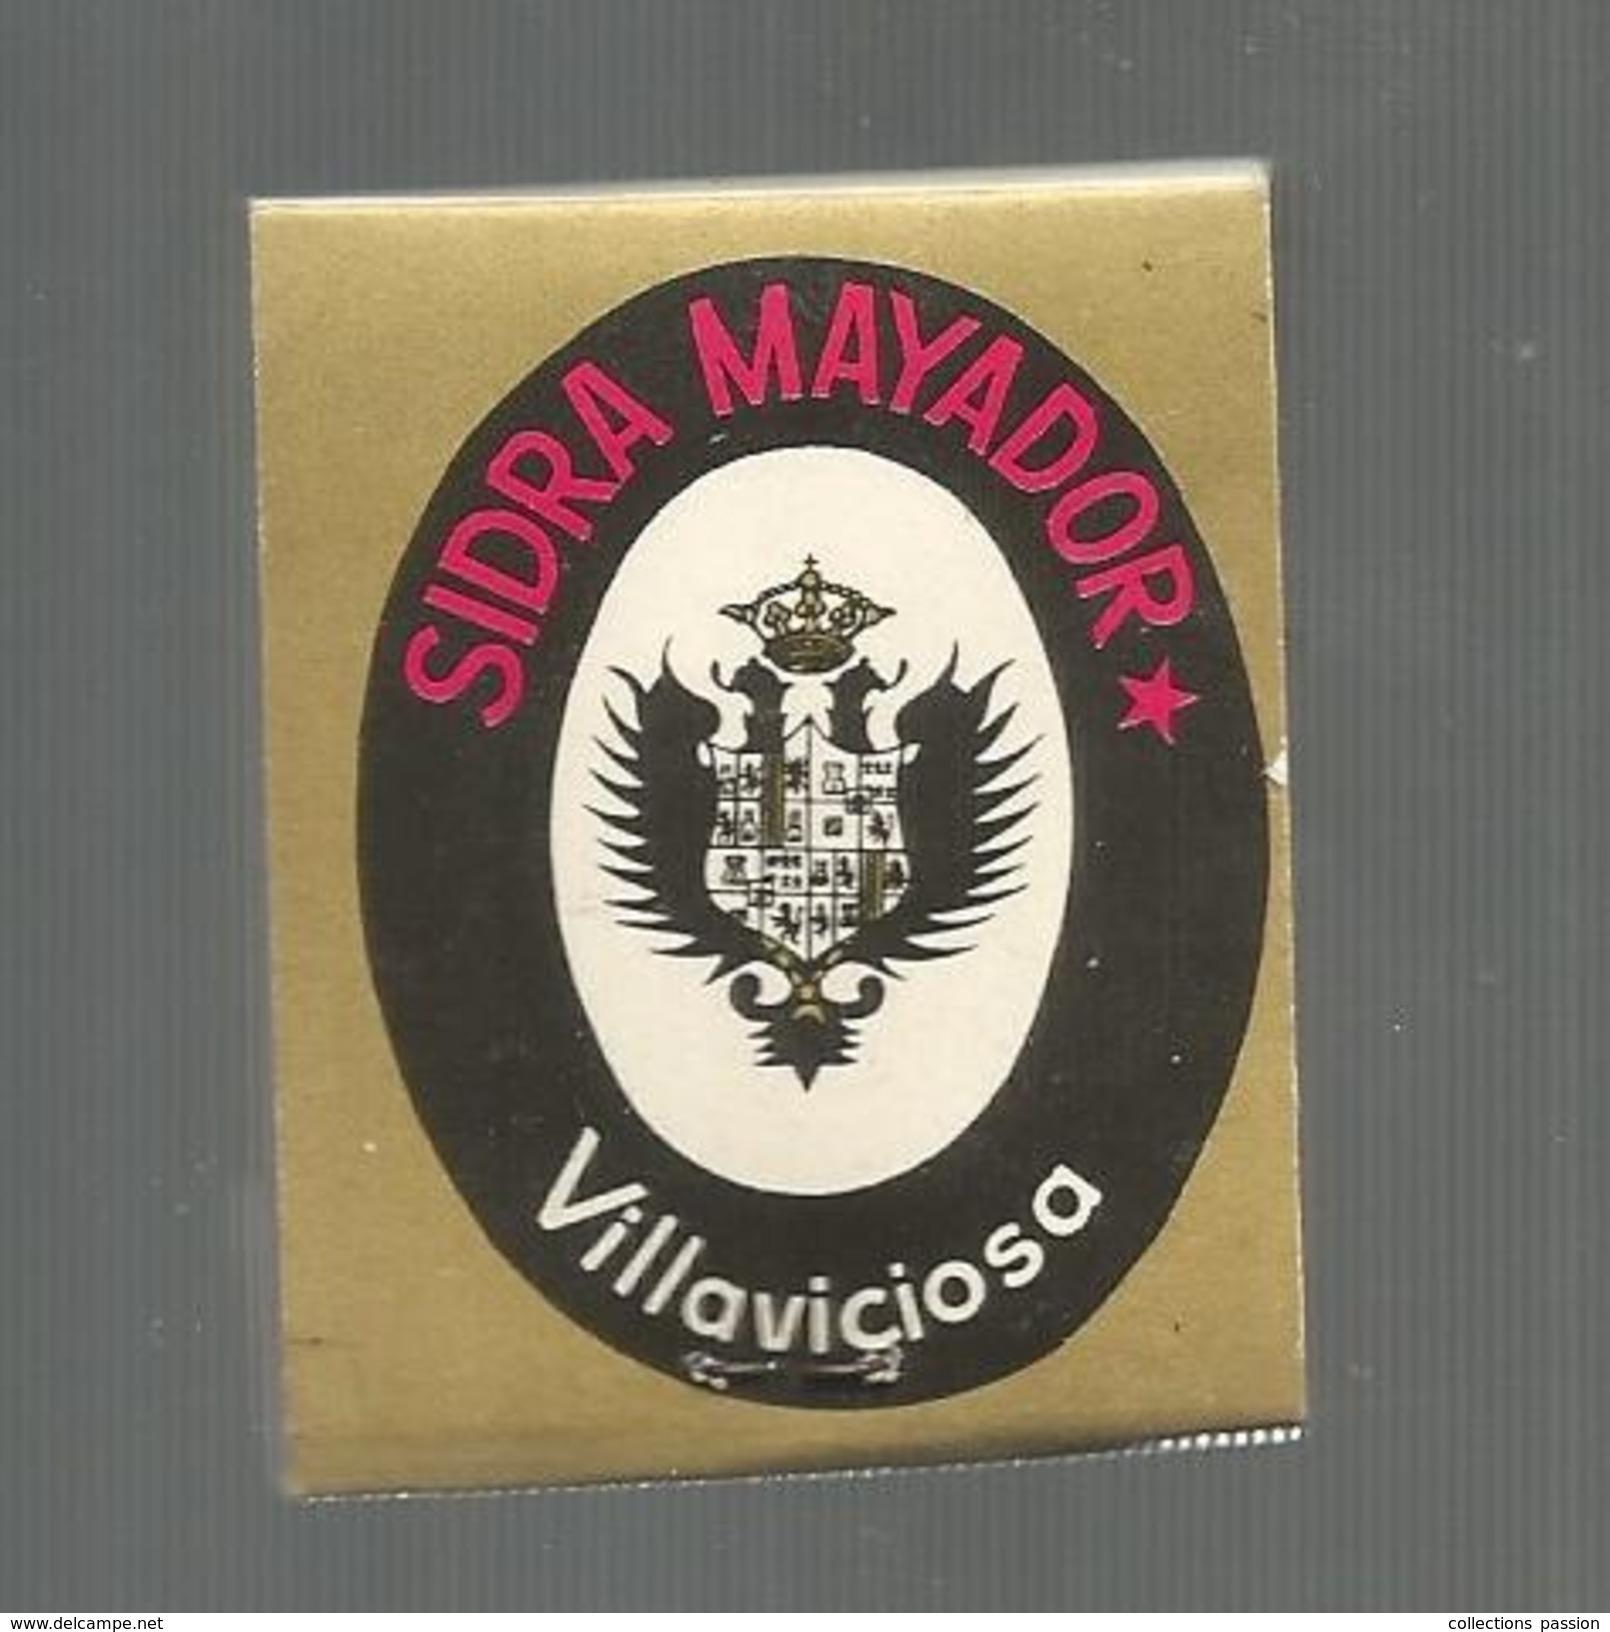 G-I-E , Tabac , Boite, Pochette D'ALLUMETTES, 2 Scans, Publicité, Sidra MAYADOR, Villaviciosa , Asturias , Espagne - Matchbox Labels